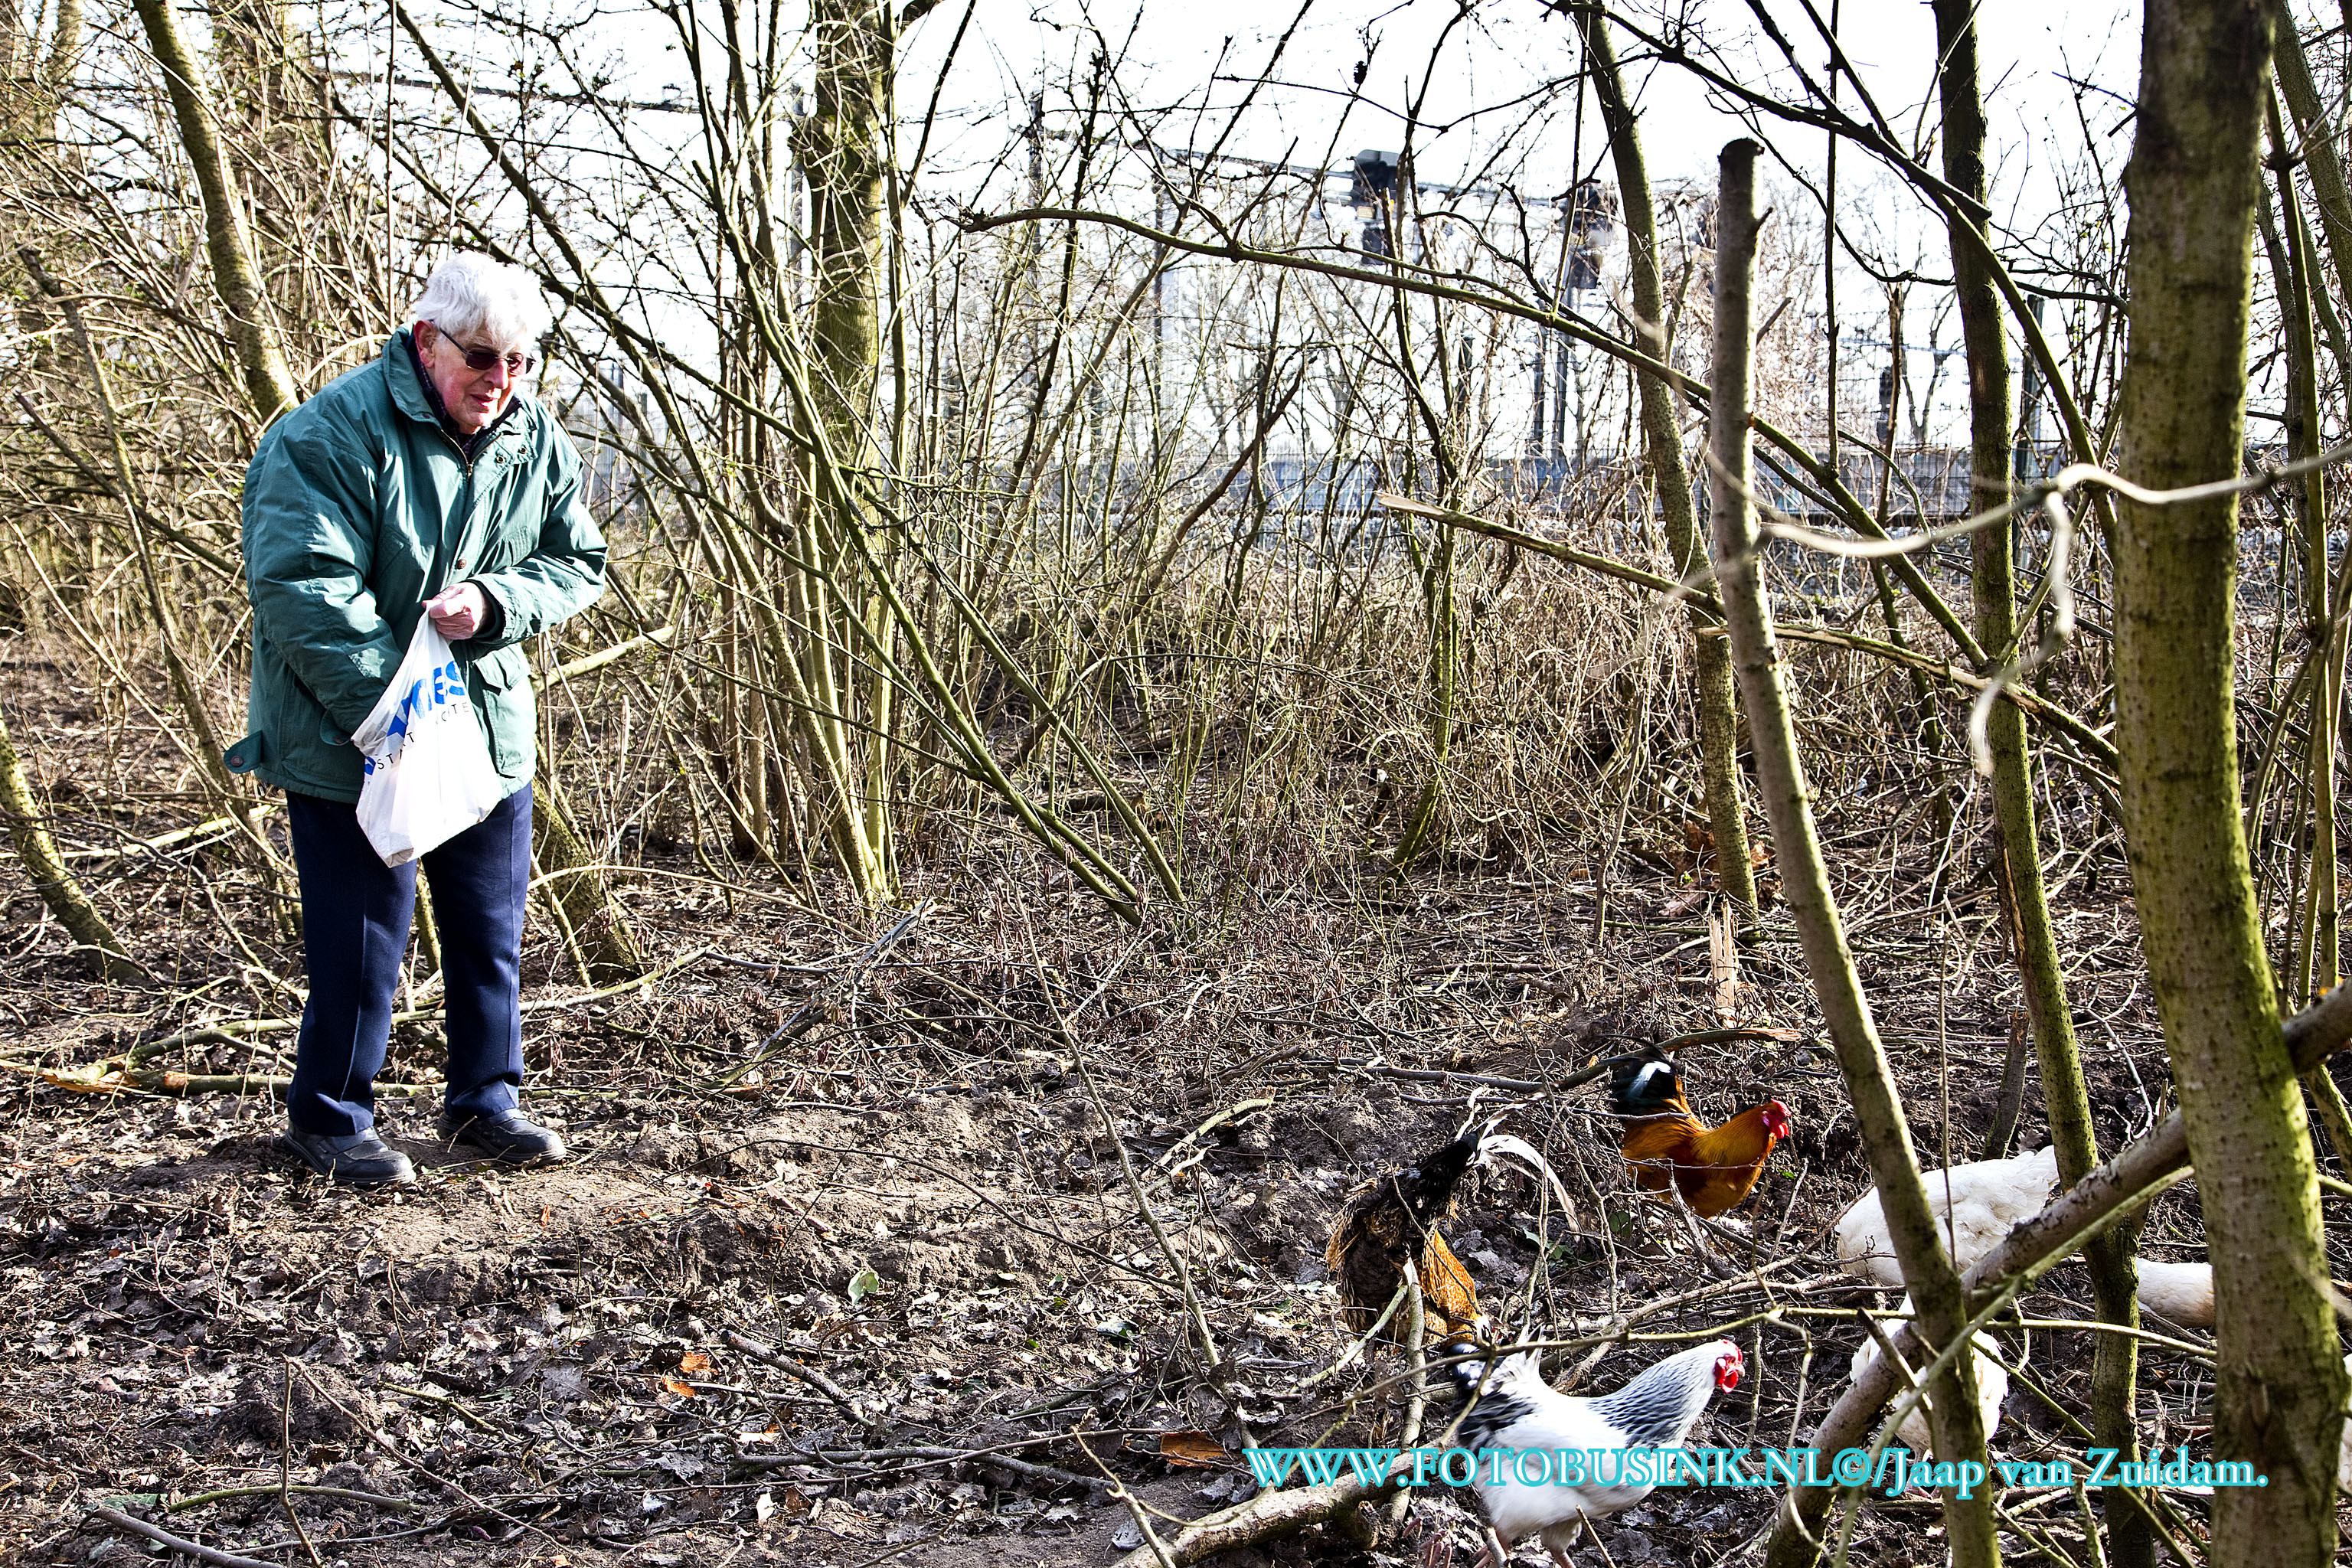 85 jarige uit Zwijndrecht voert al meer dan 25 jaar 'zijn' kippen.